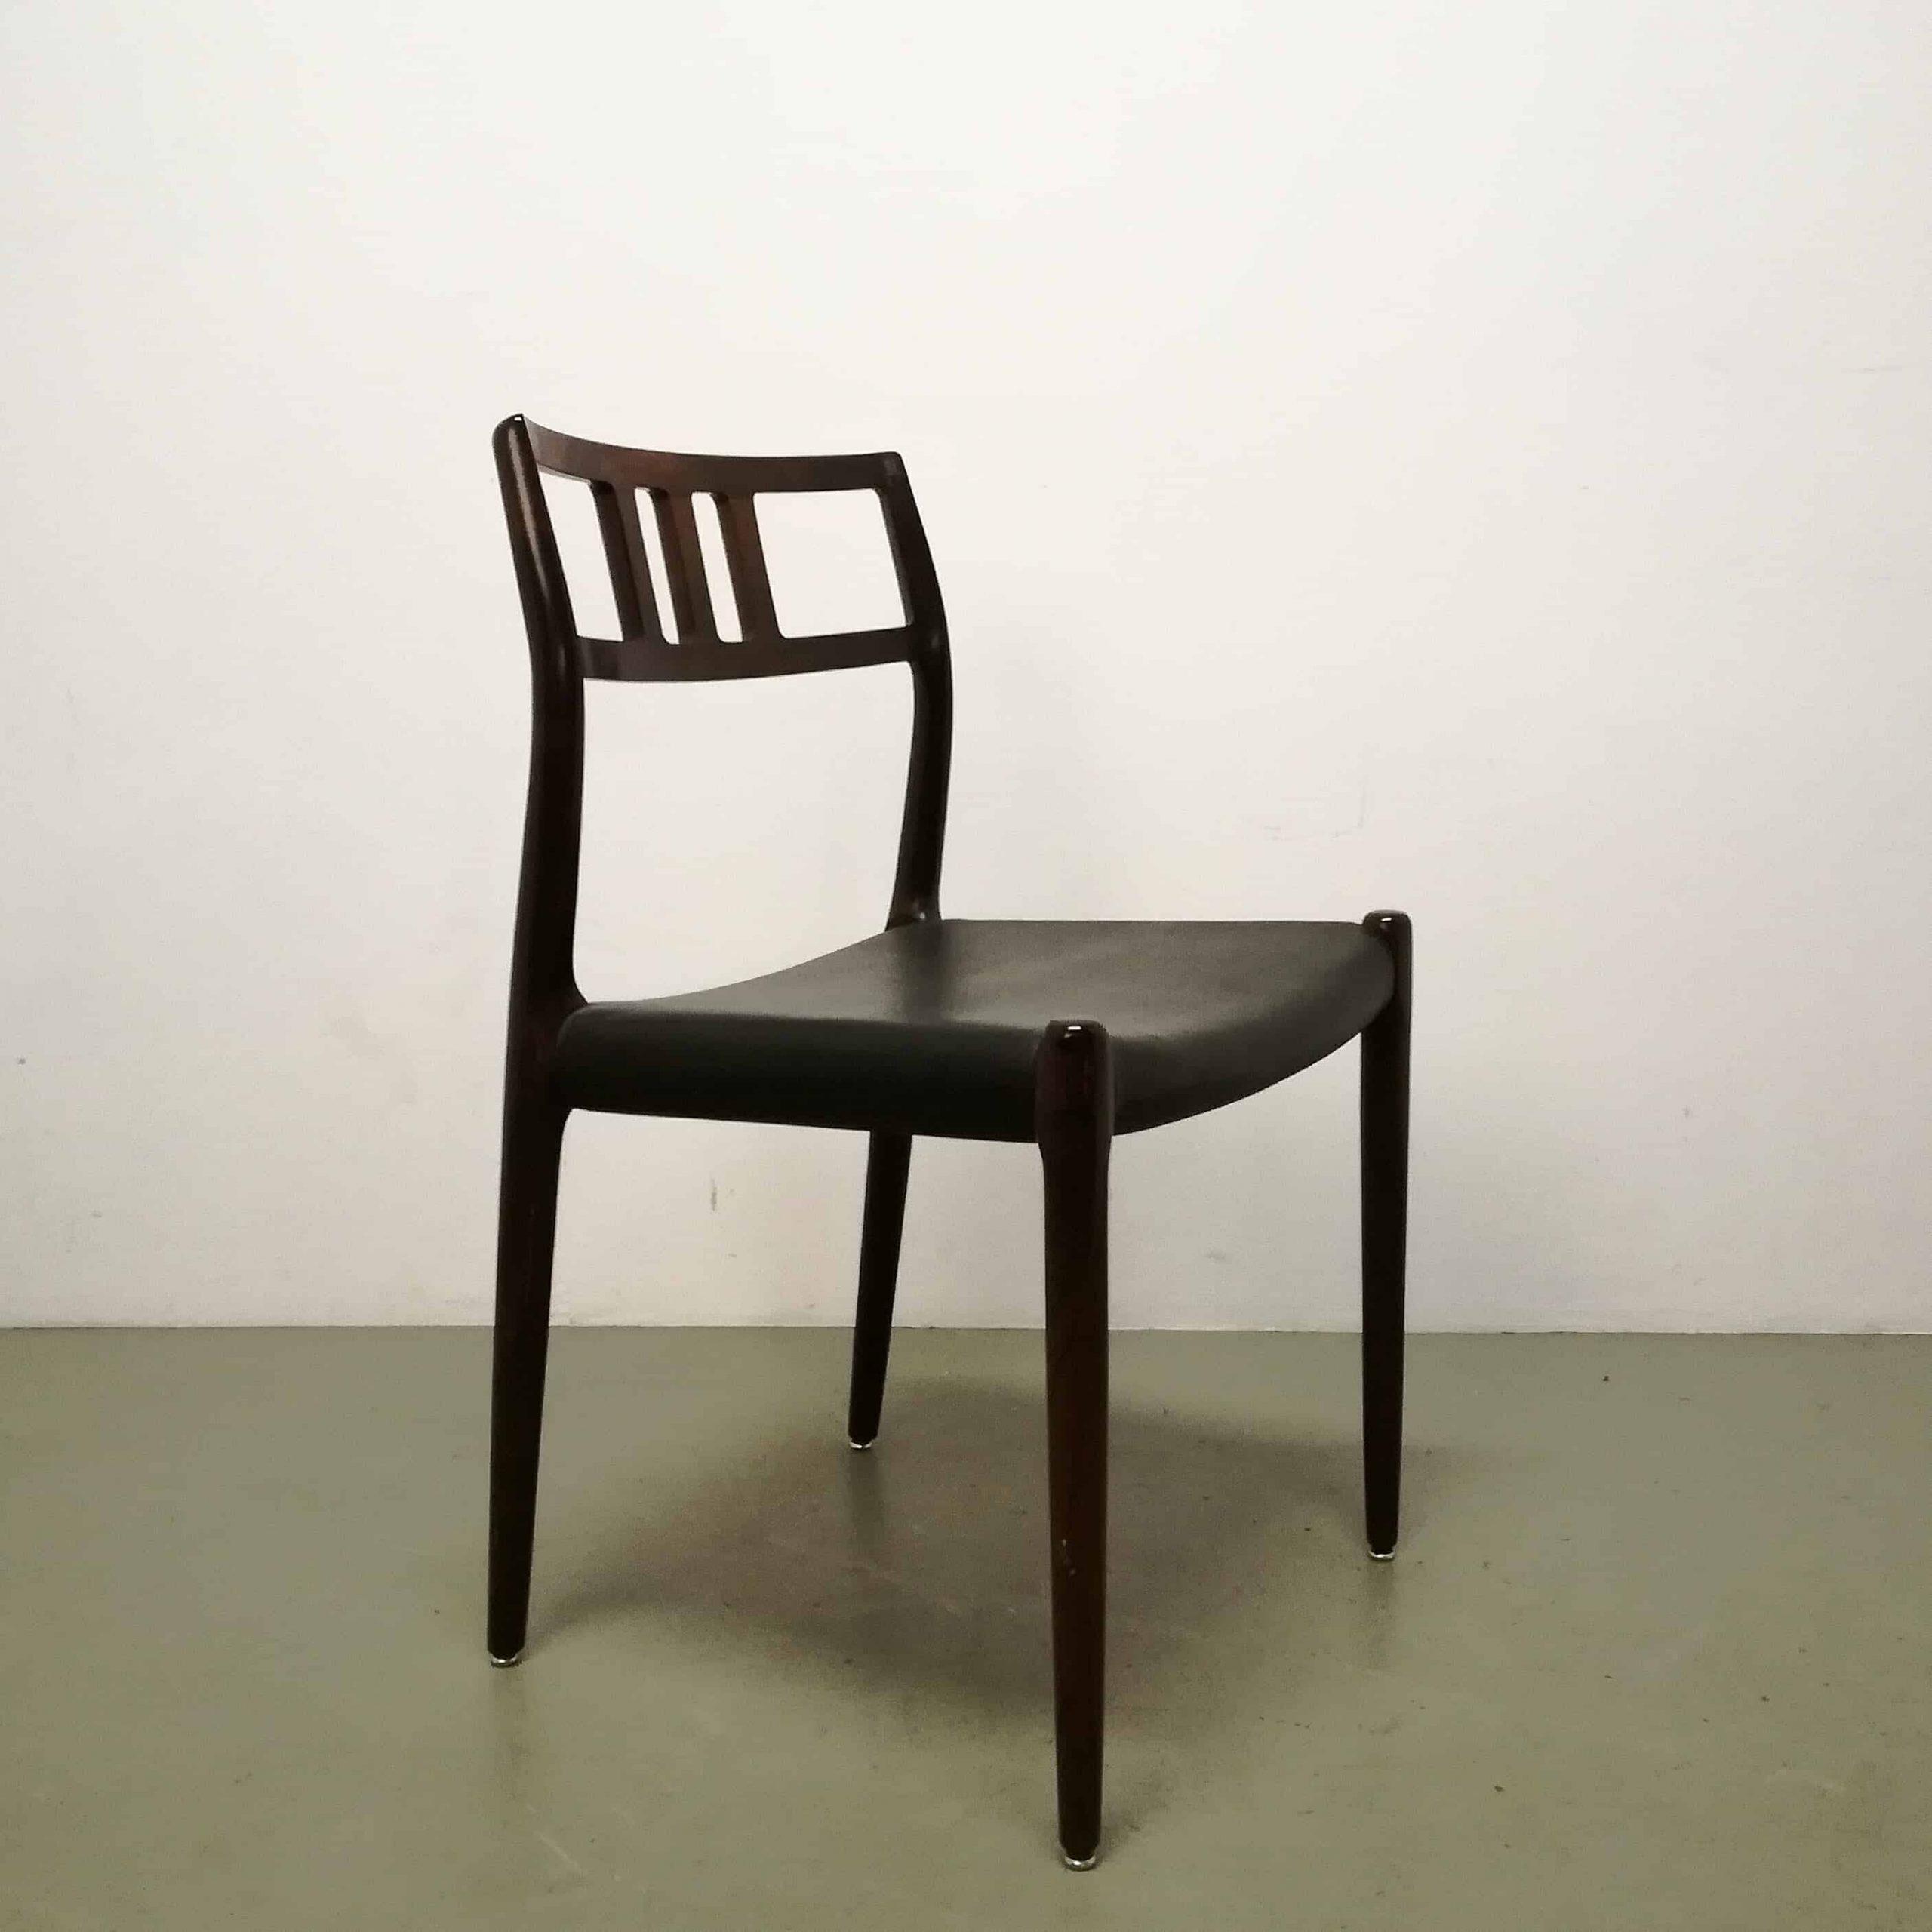 كرسي-غرفة الطعام- model79-79-niels-moller-jlmoller-jl-denmark-1950's-set-black-leather-rosewood-Vintage-منتصف-القرن التسمية